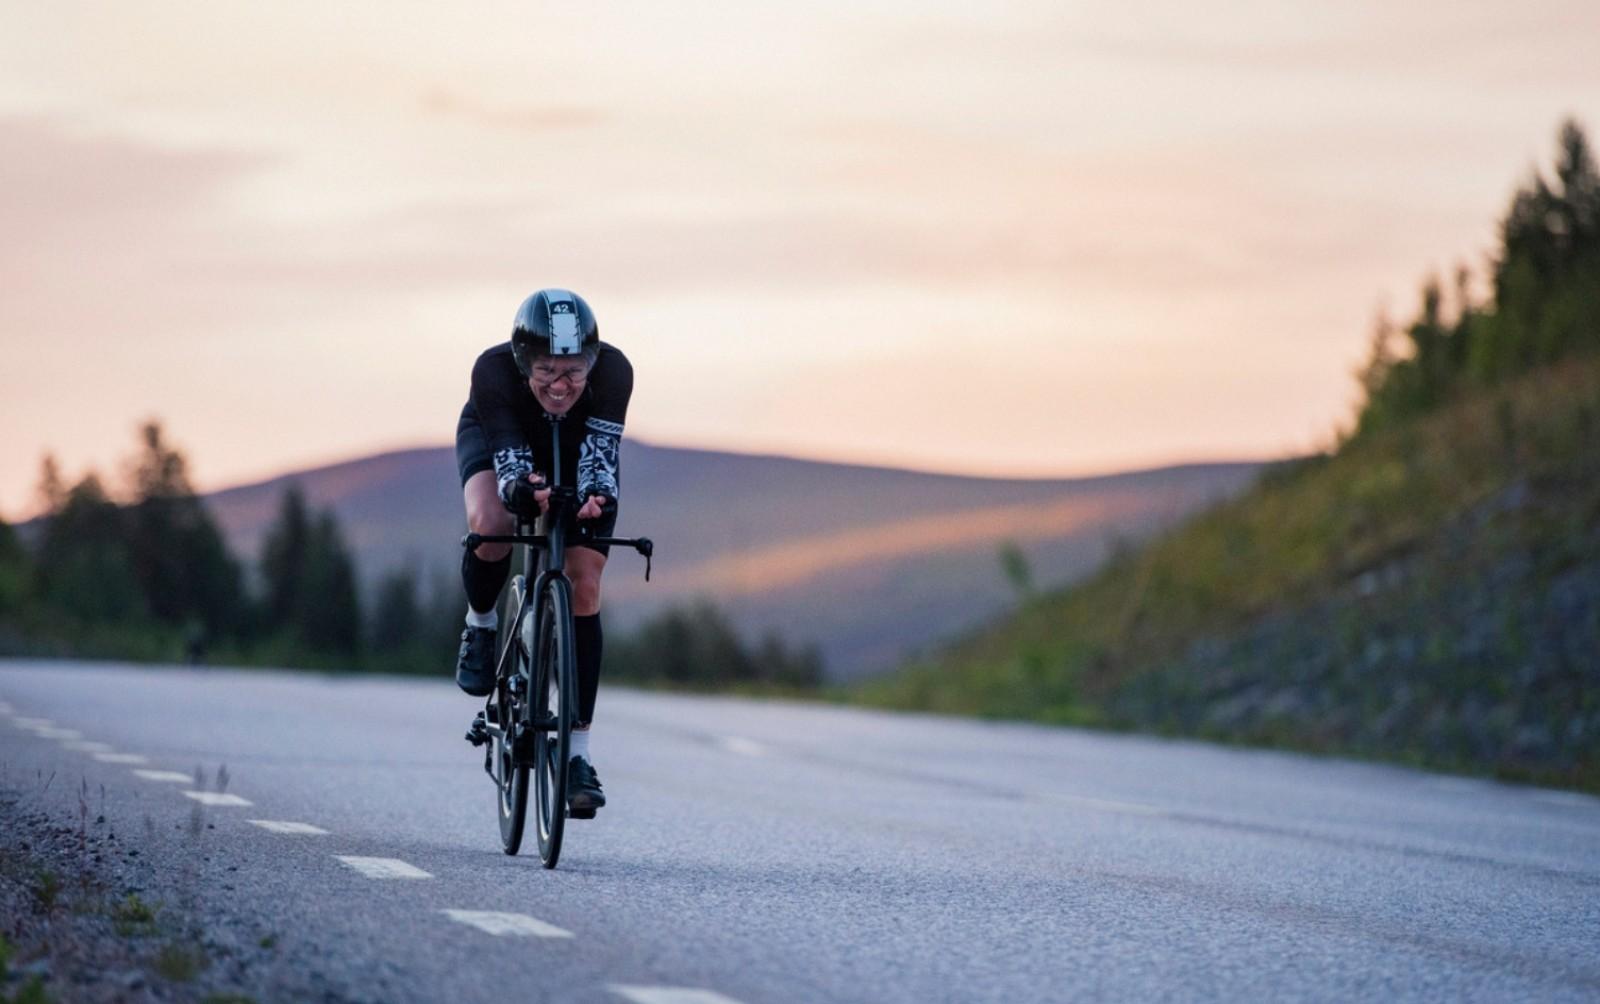 entrenamiento-intervalos-bici-mejorar-potencia-resistencia/